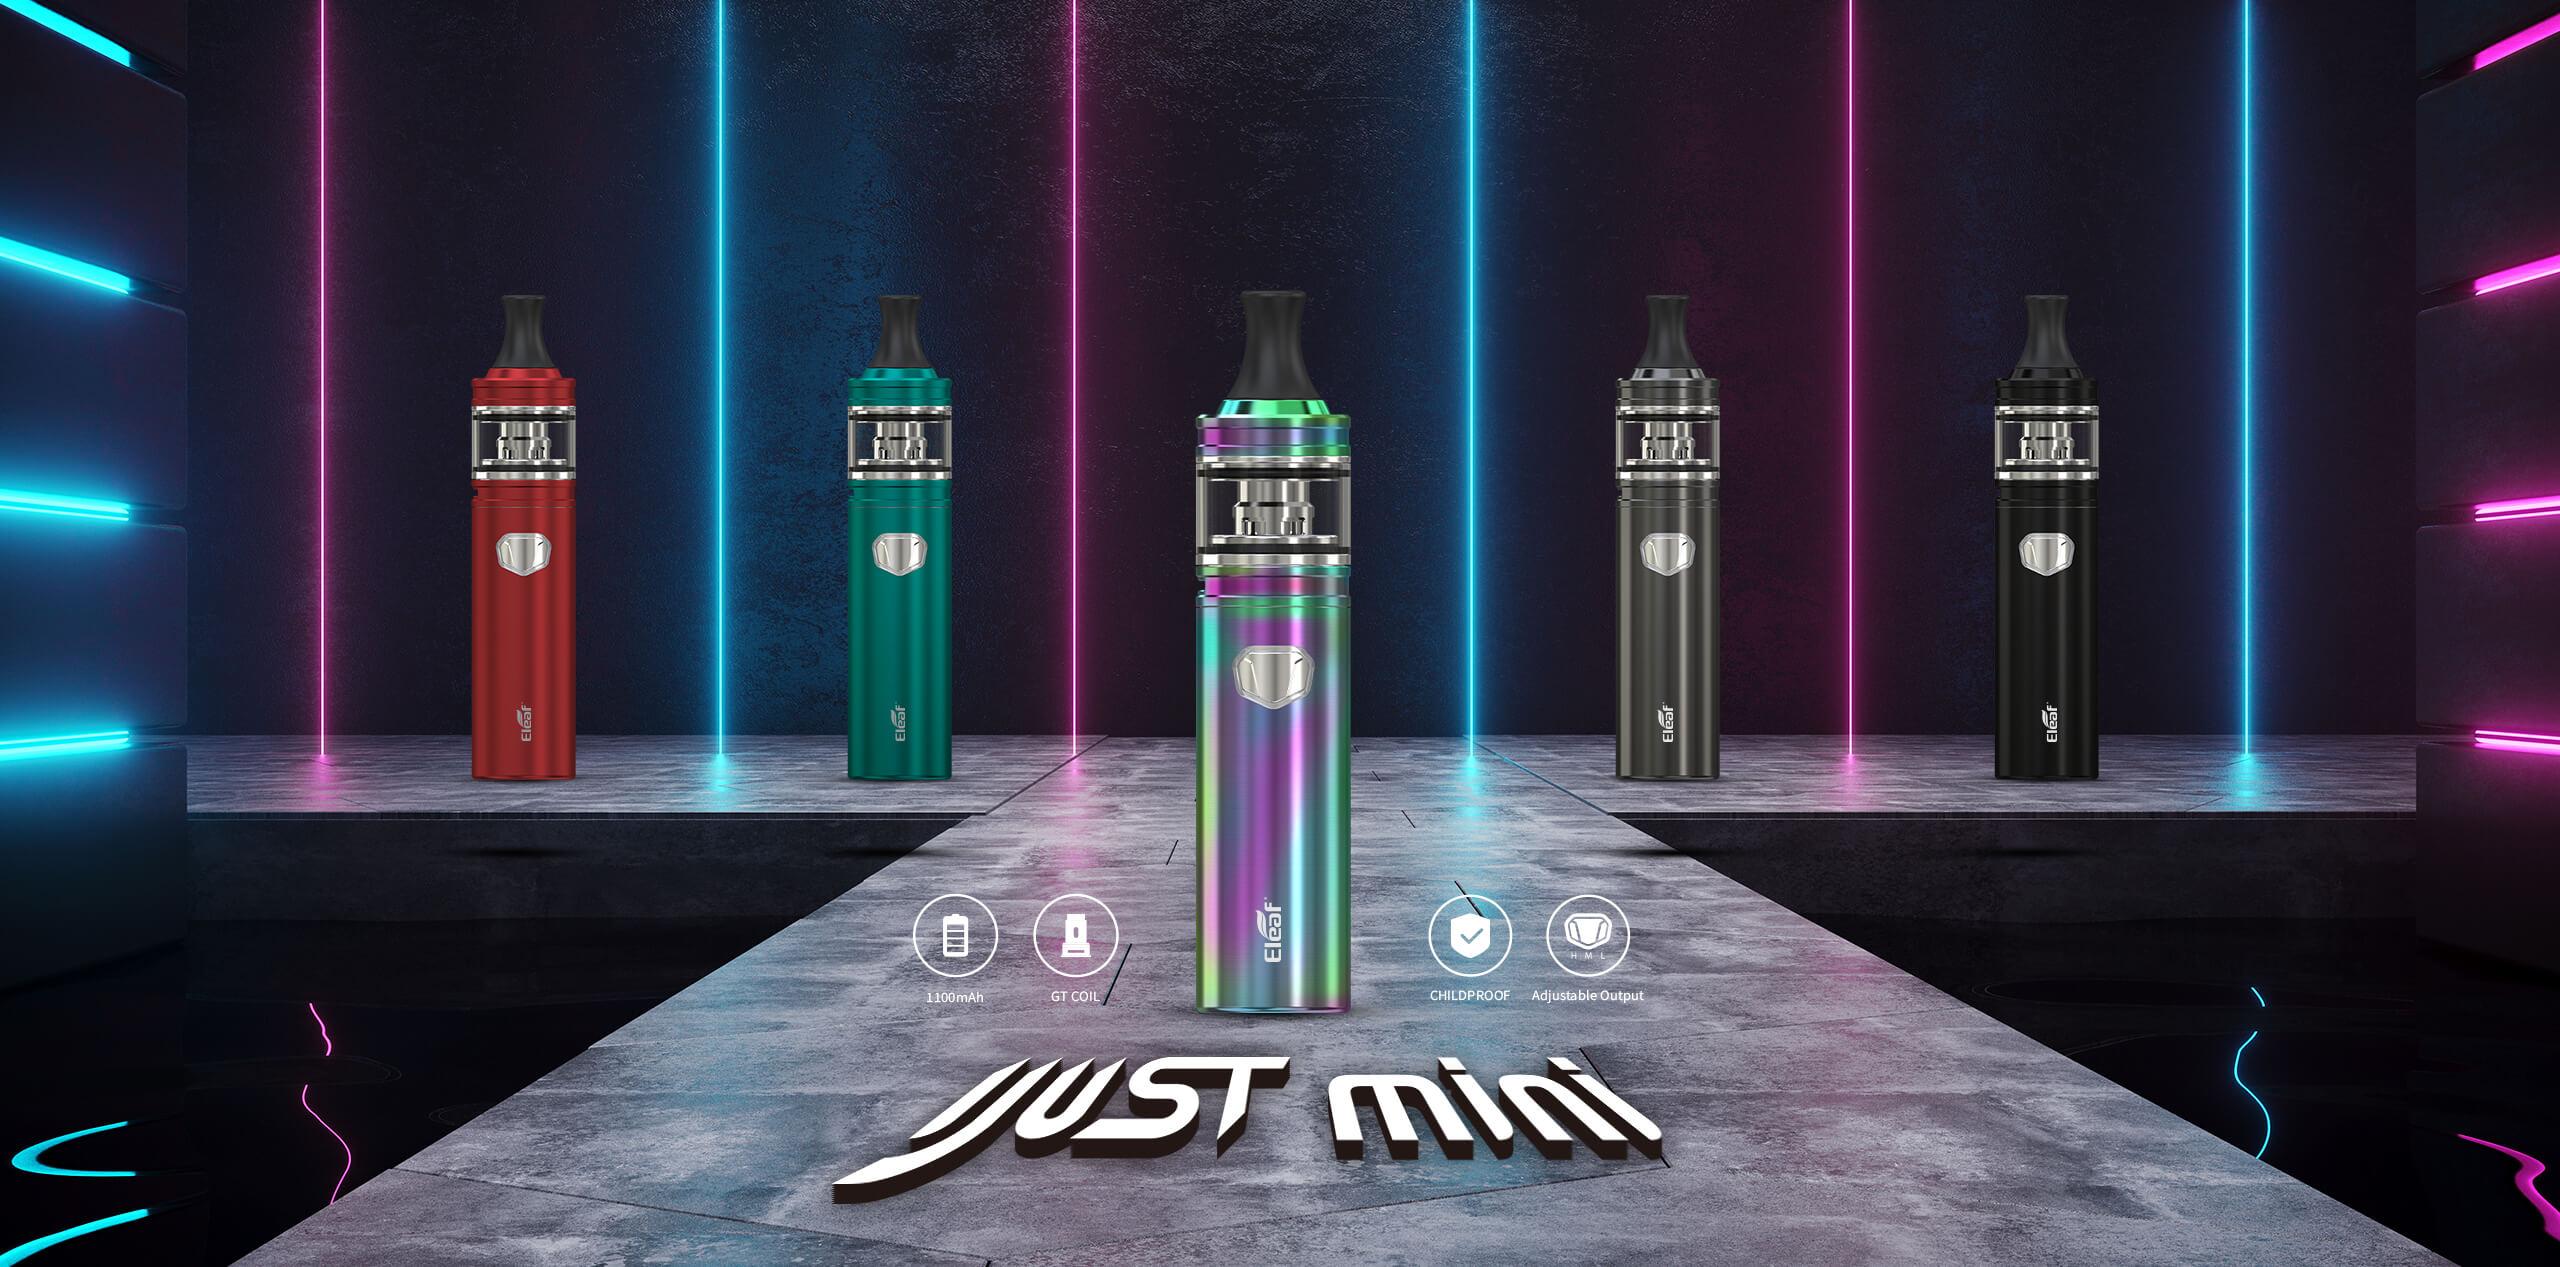 Eleafworld E cig | Best E-Cigarette Brands | E-Cigarette